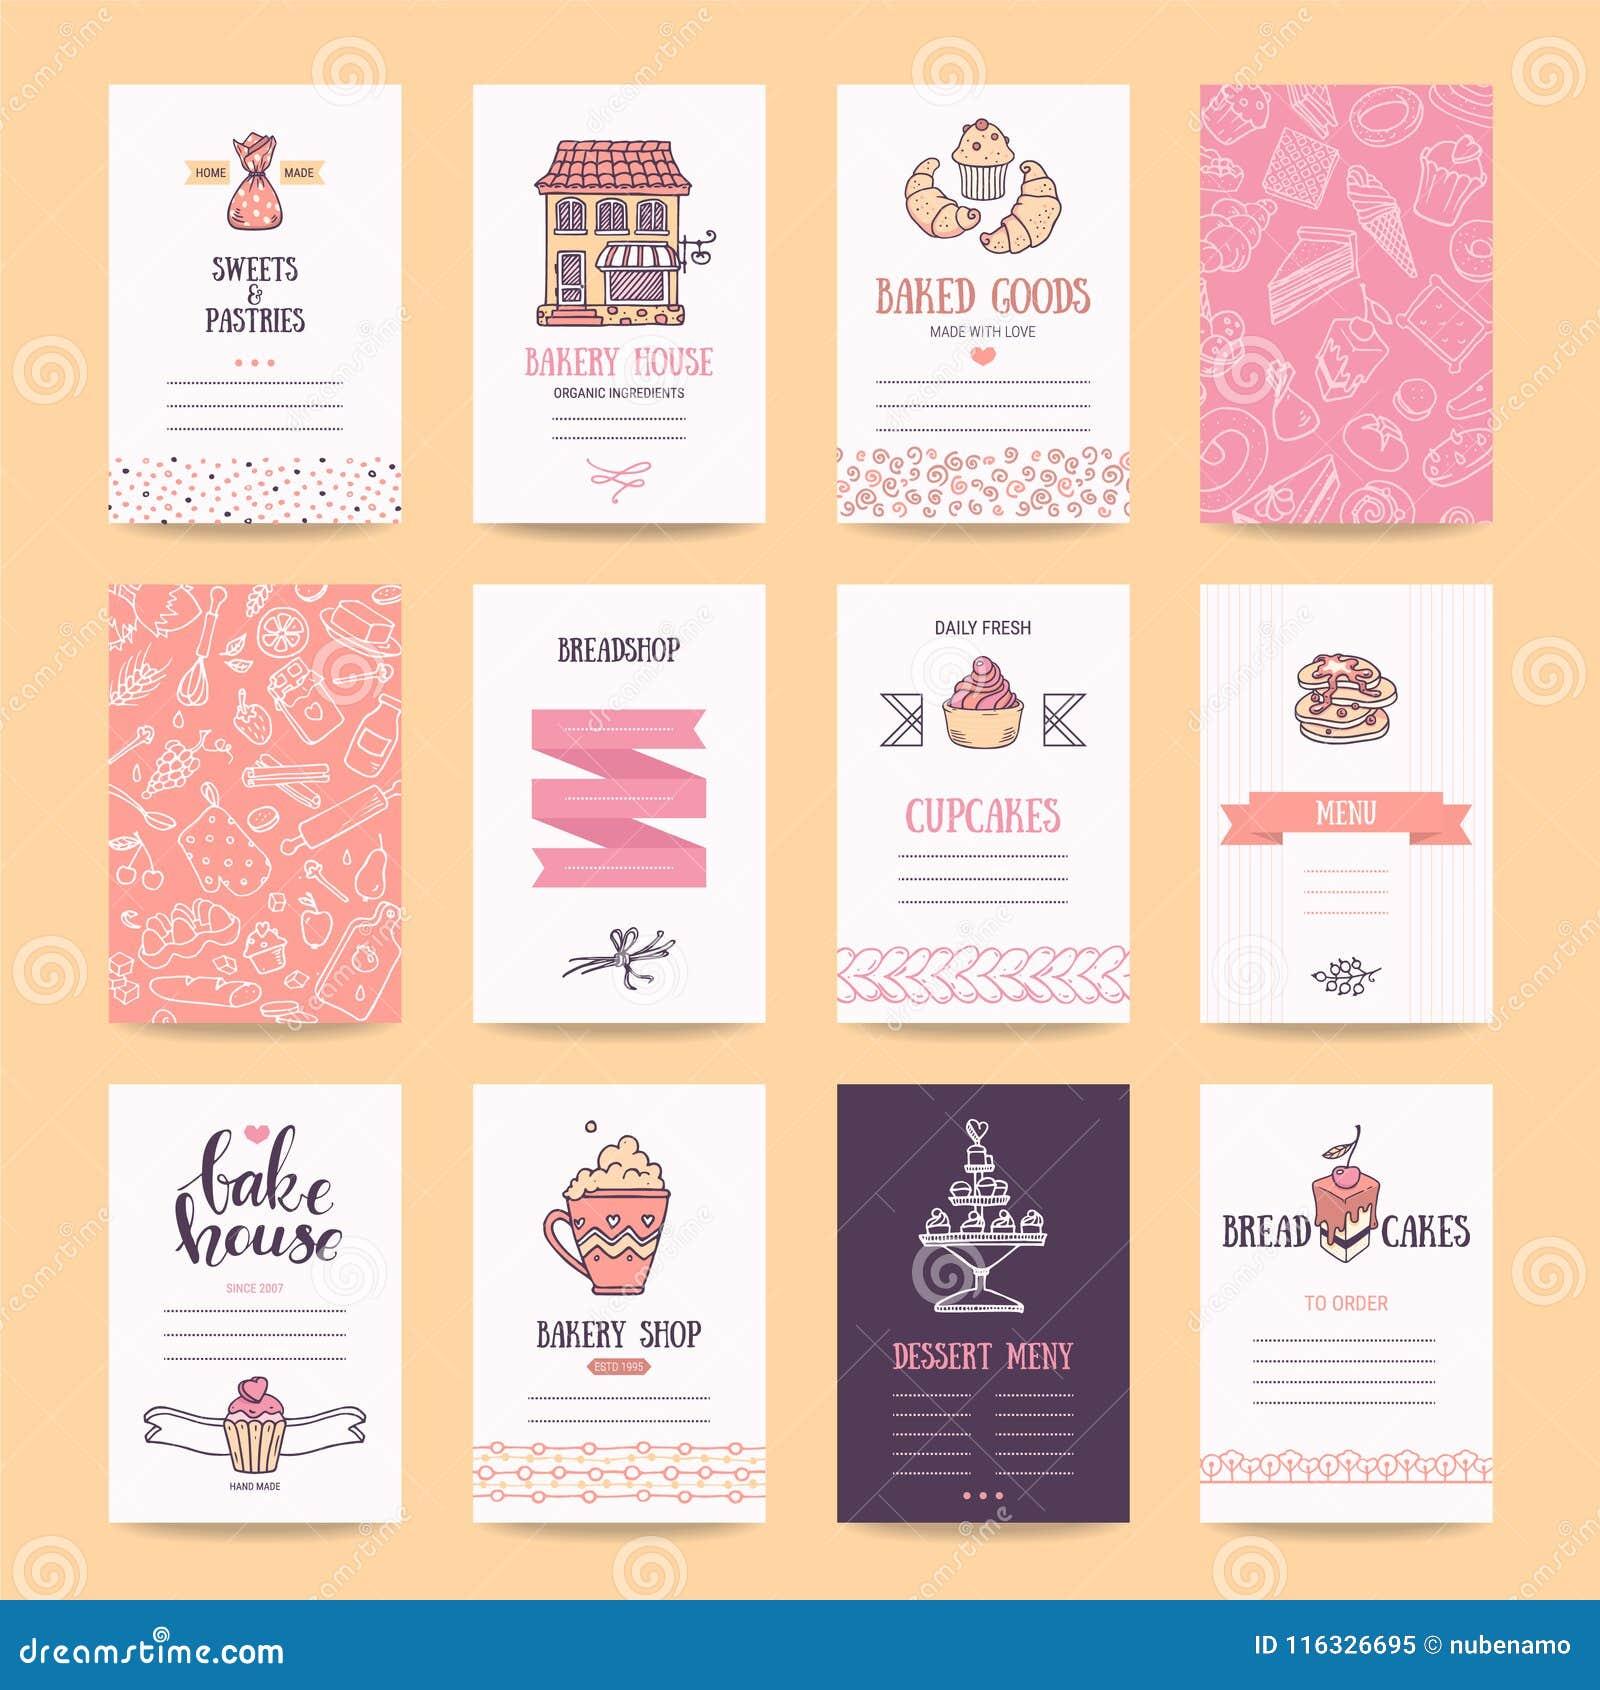 Cartes De Visite Professionnelle Boulangerie Et Boutique Patisserie Affiche Cafe Menu Restaurant Insectes Nourriture